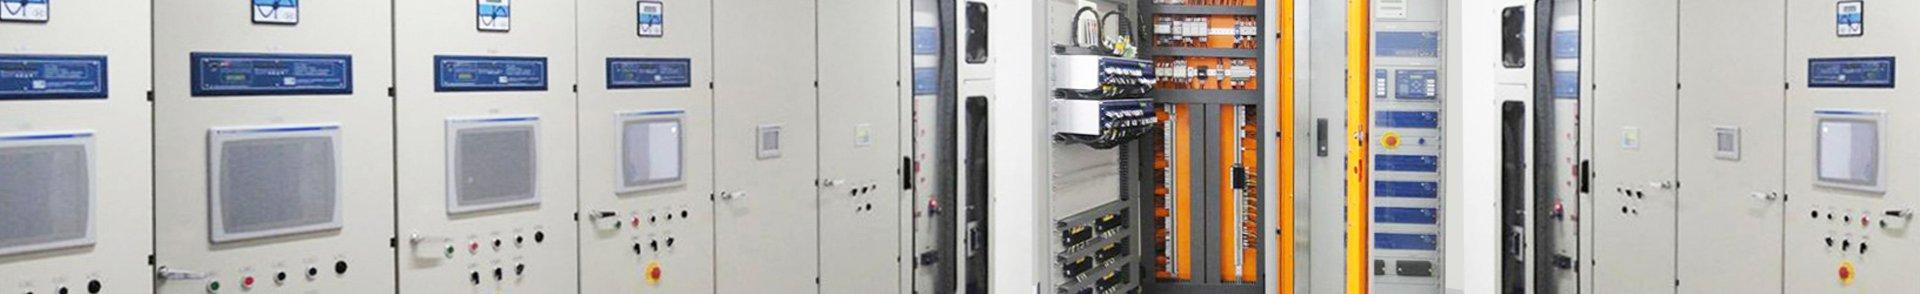 A Automatronic tem por diferencial, oferecer soluções inovadoras de acordo com as necessidades de cada cliente, especificando, avaliando e fornecendo sugestões, além de implementar soluções completas em automação industrial.